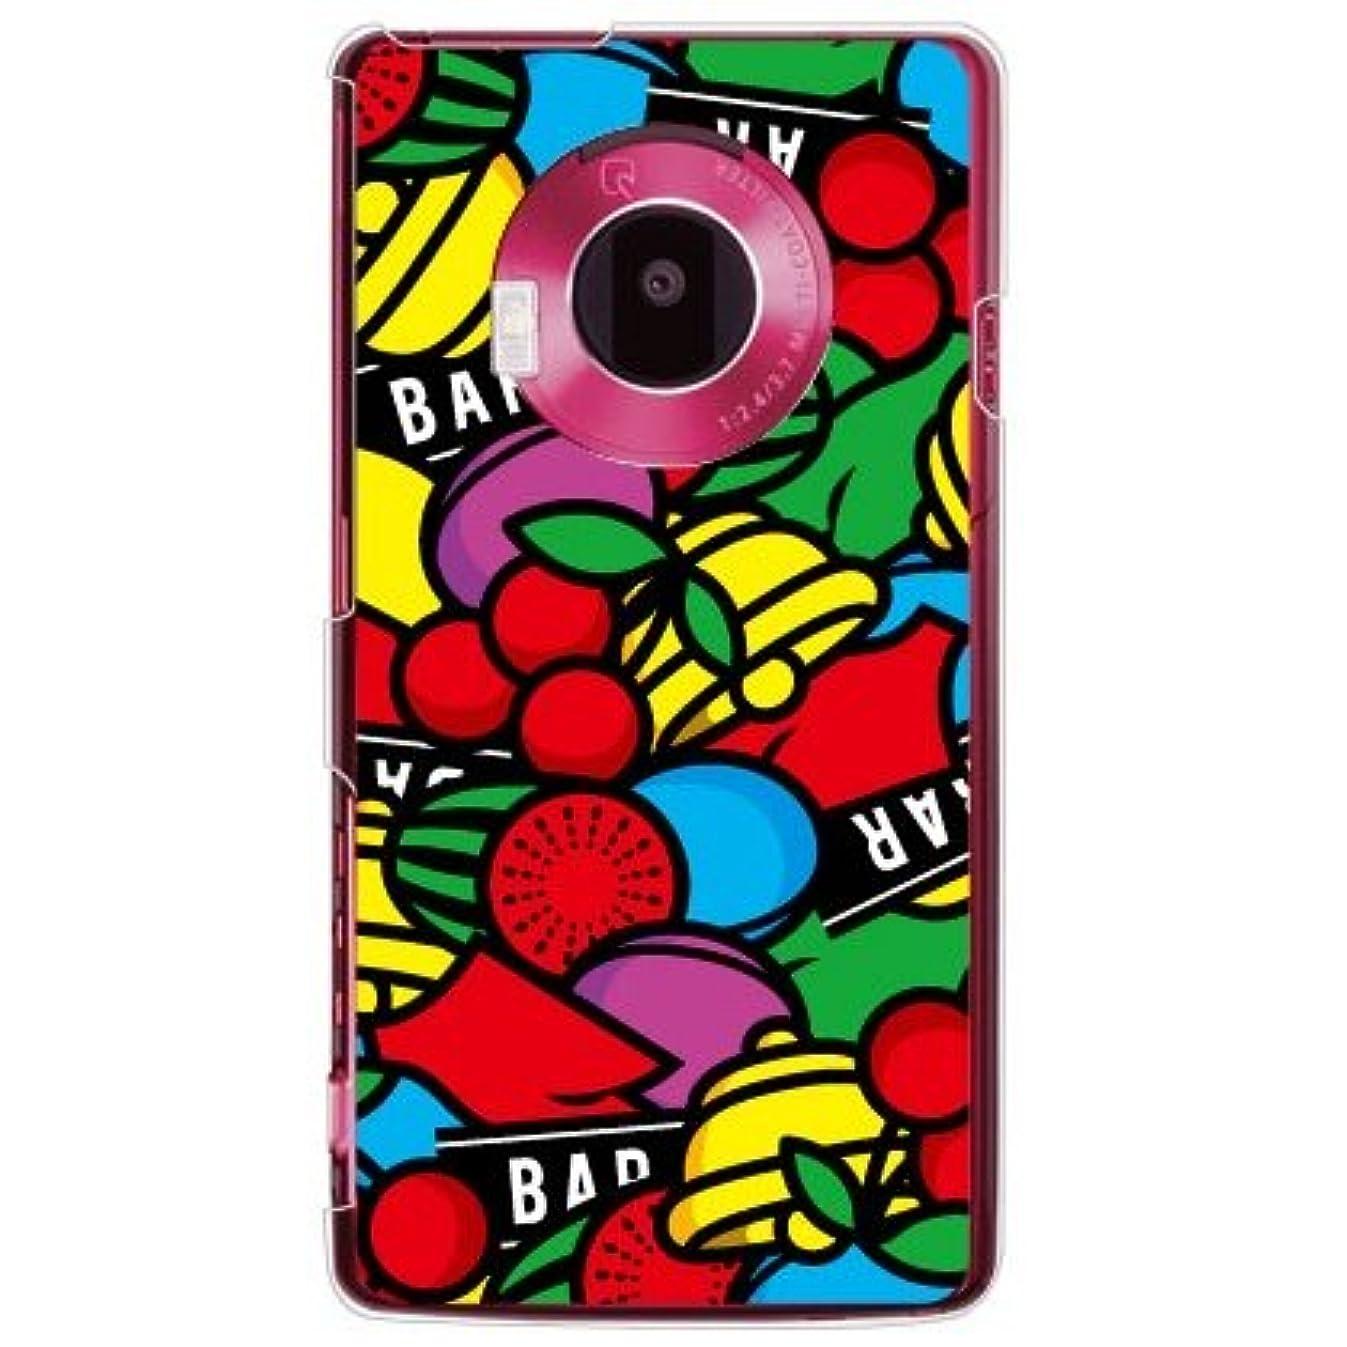 機械的どれか傭兵YESNO スロット マルチ (クリア) / for LUMIX Phone P-02D/docomo DPSP2D-PCCL-201-N042